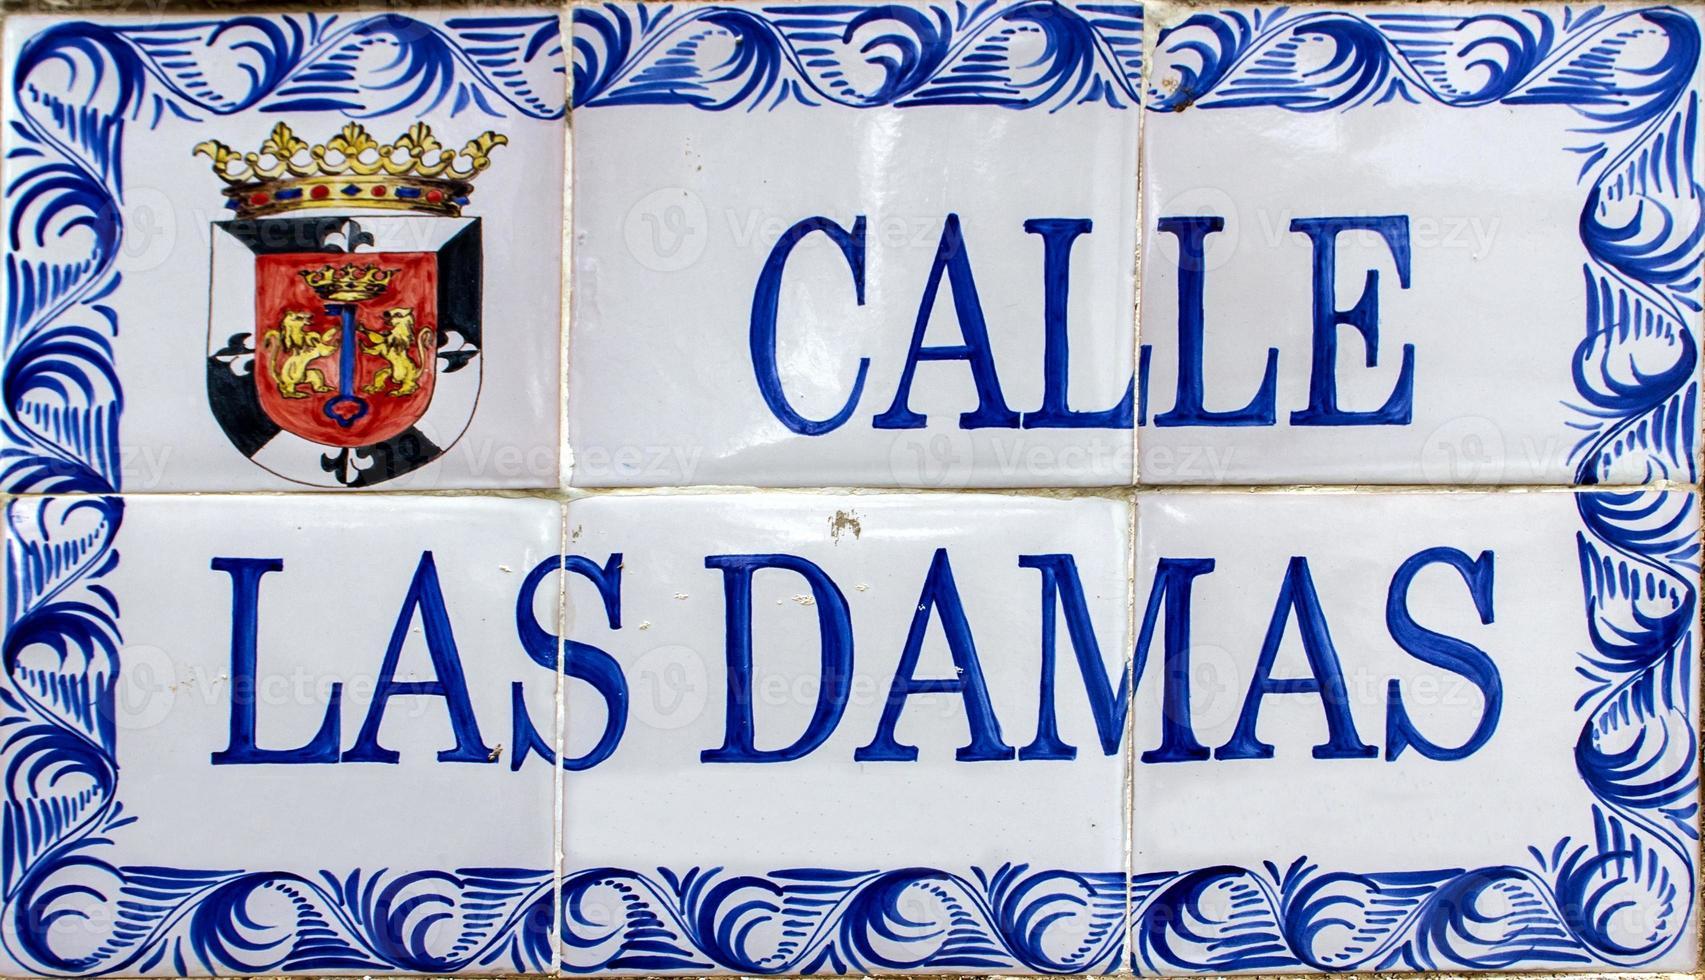 Street sign in Santo Domingo, Dominican Republic photo